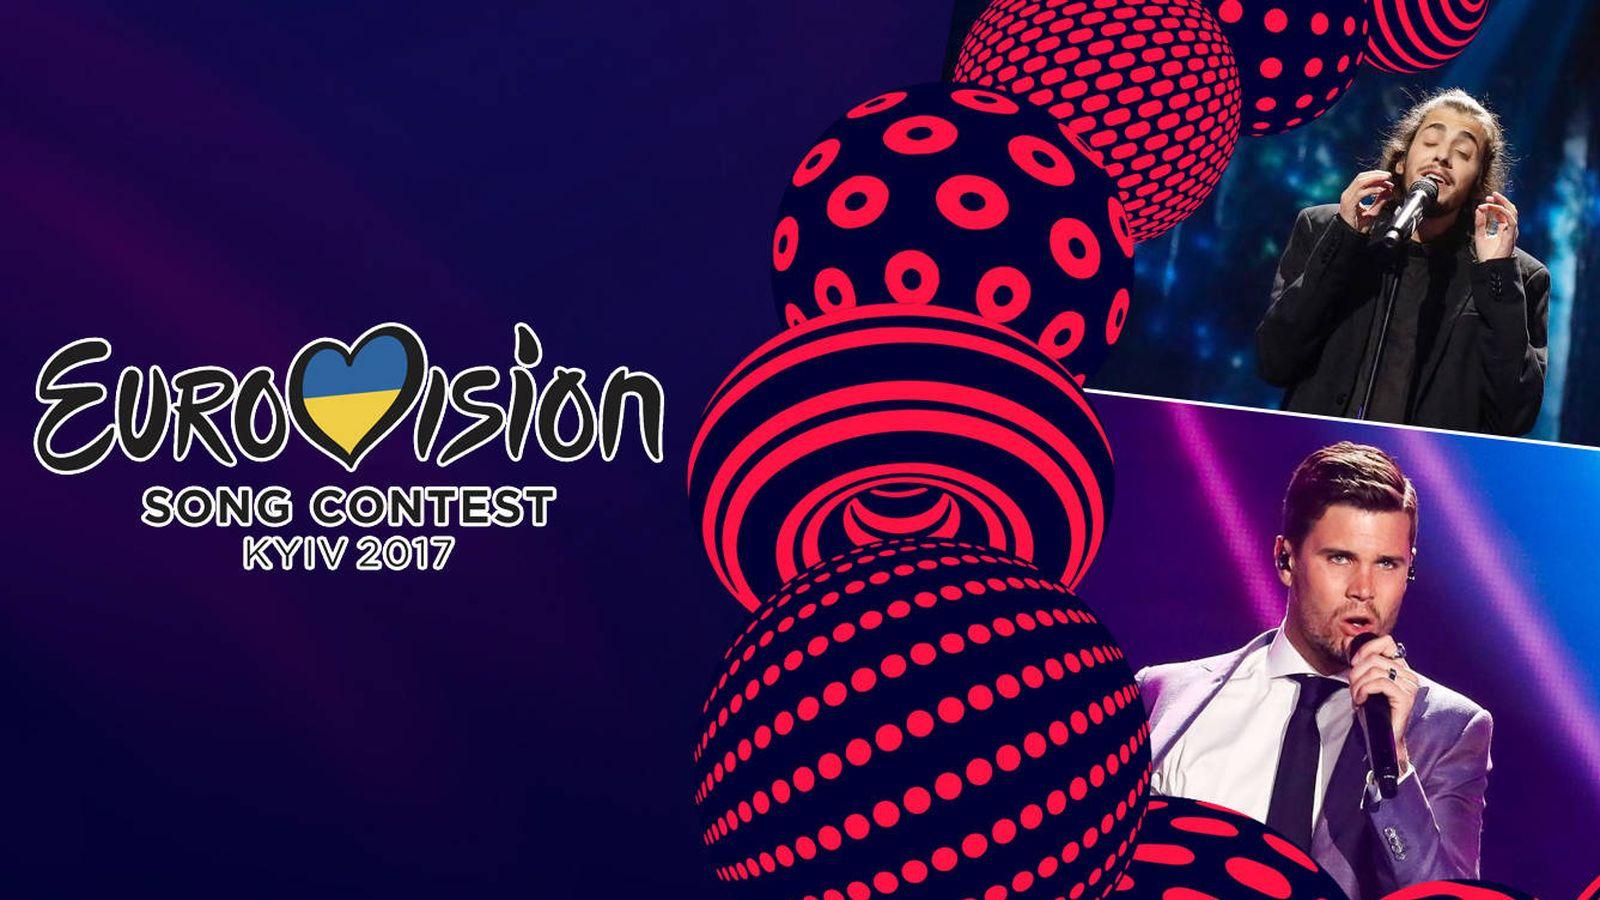 Foto: Portugal y Suecia pasan a la gran final de Eurovisión, candidatas a ganar el festival.